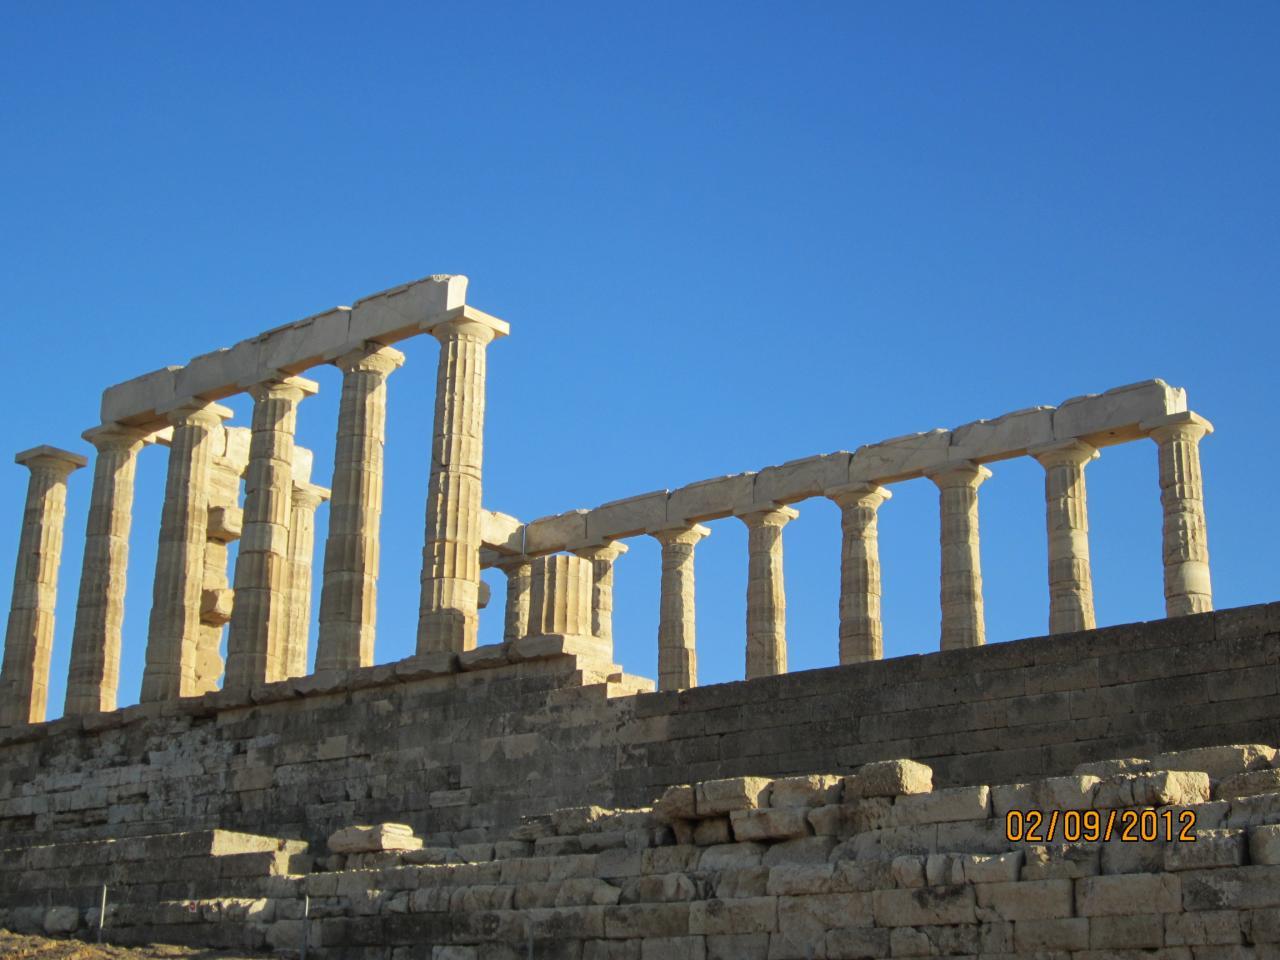 Image de Grèce - Cap Sounio